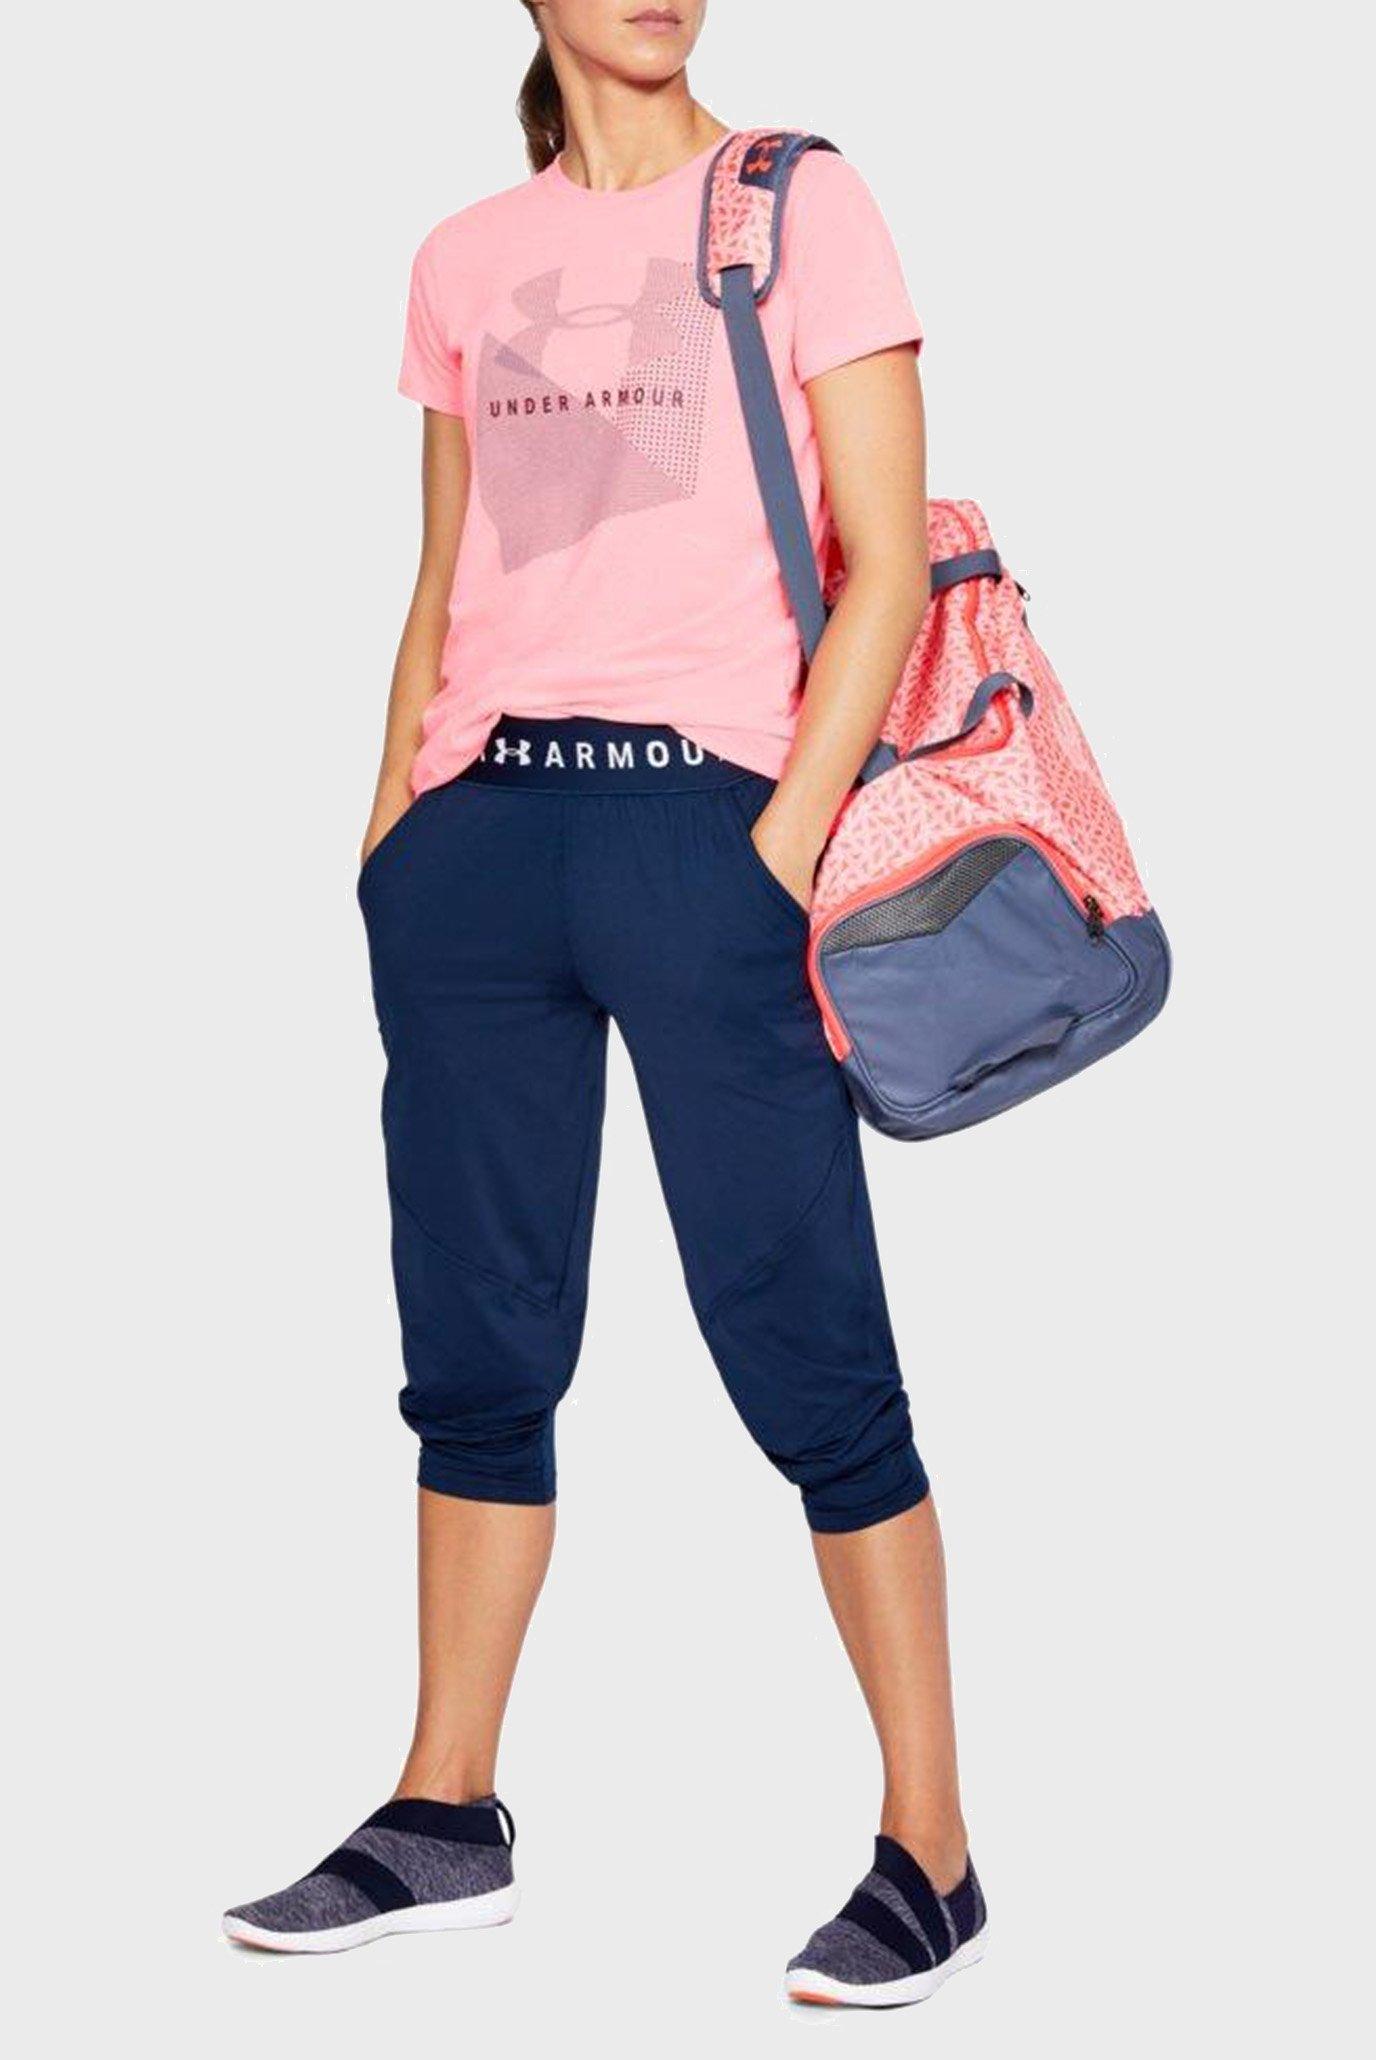 Купить Женская розовая футболка Sportstyle Mesh Logo Under Armour Under Armour 1310488-819 – Киев, Украина. Цены в интернет магазине MD Fashion